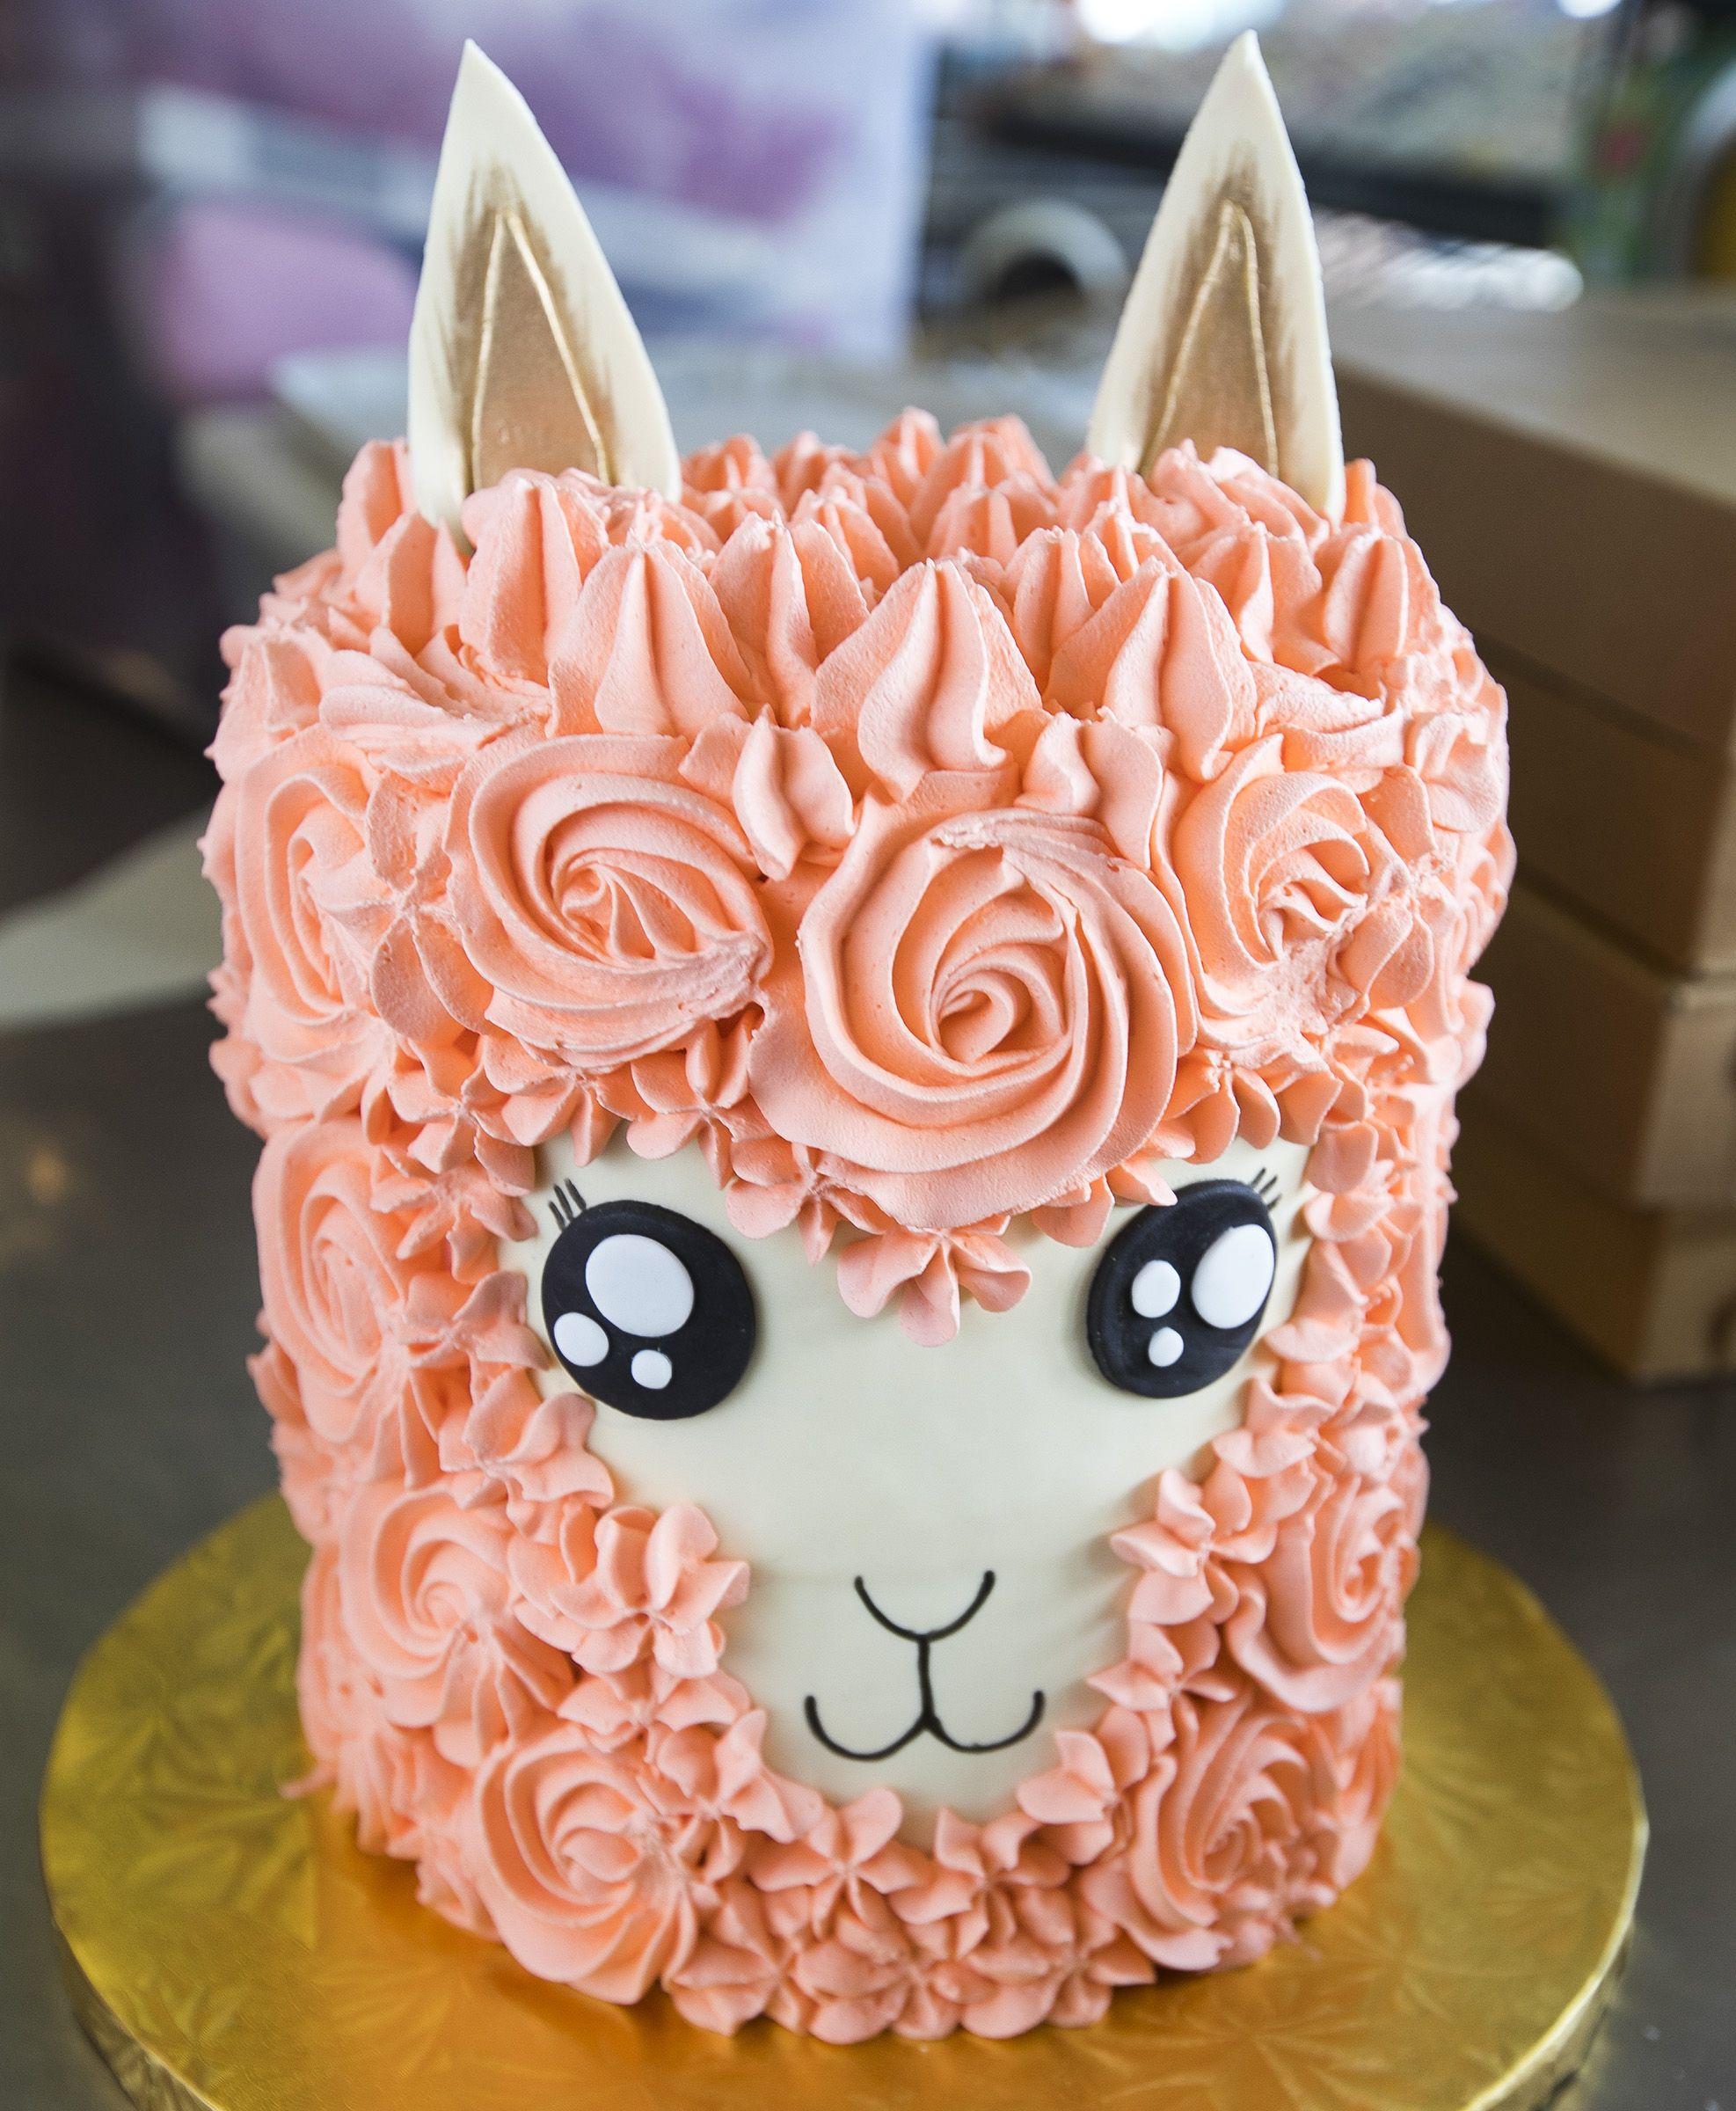 Llama Cake 217